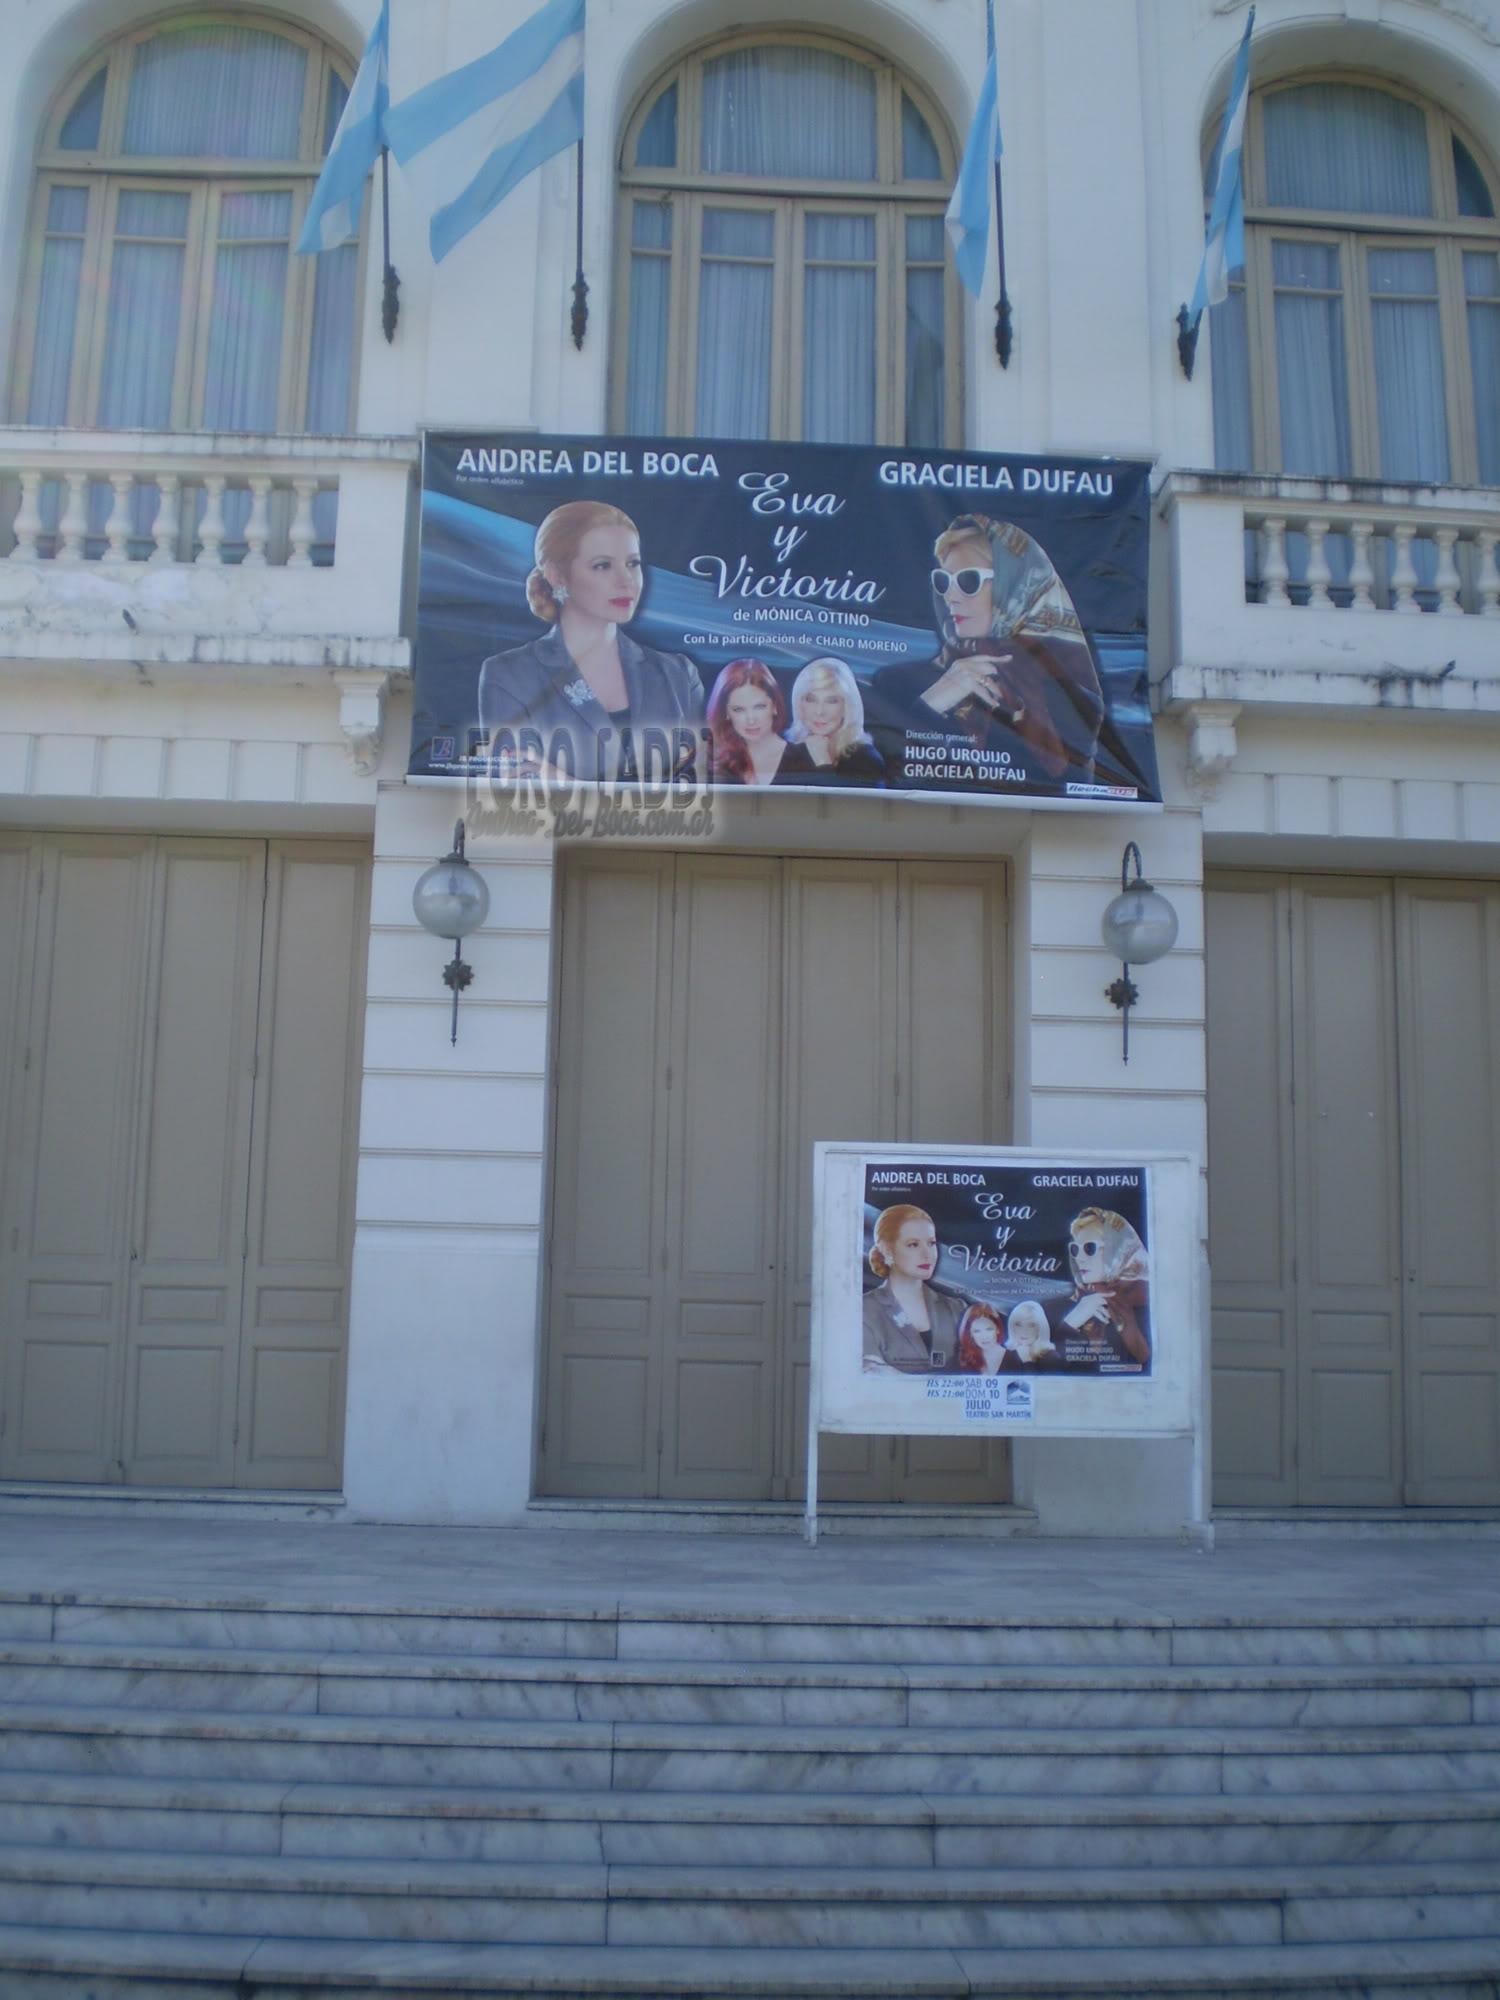 [Эва и Виктория] Андреа и театр (03/05/11)  - Página 2 004